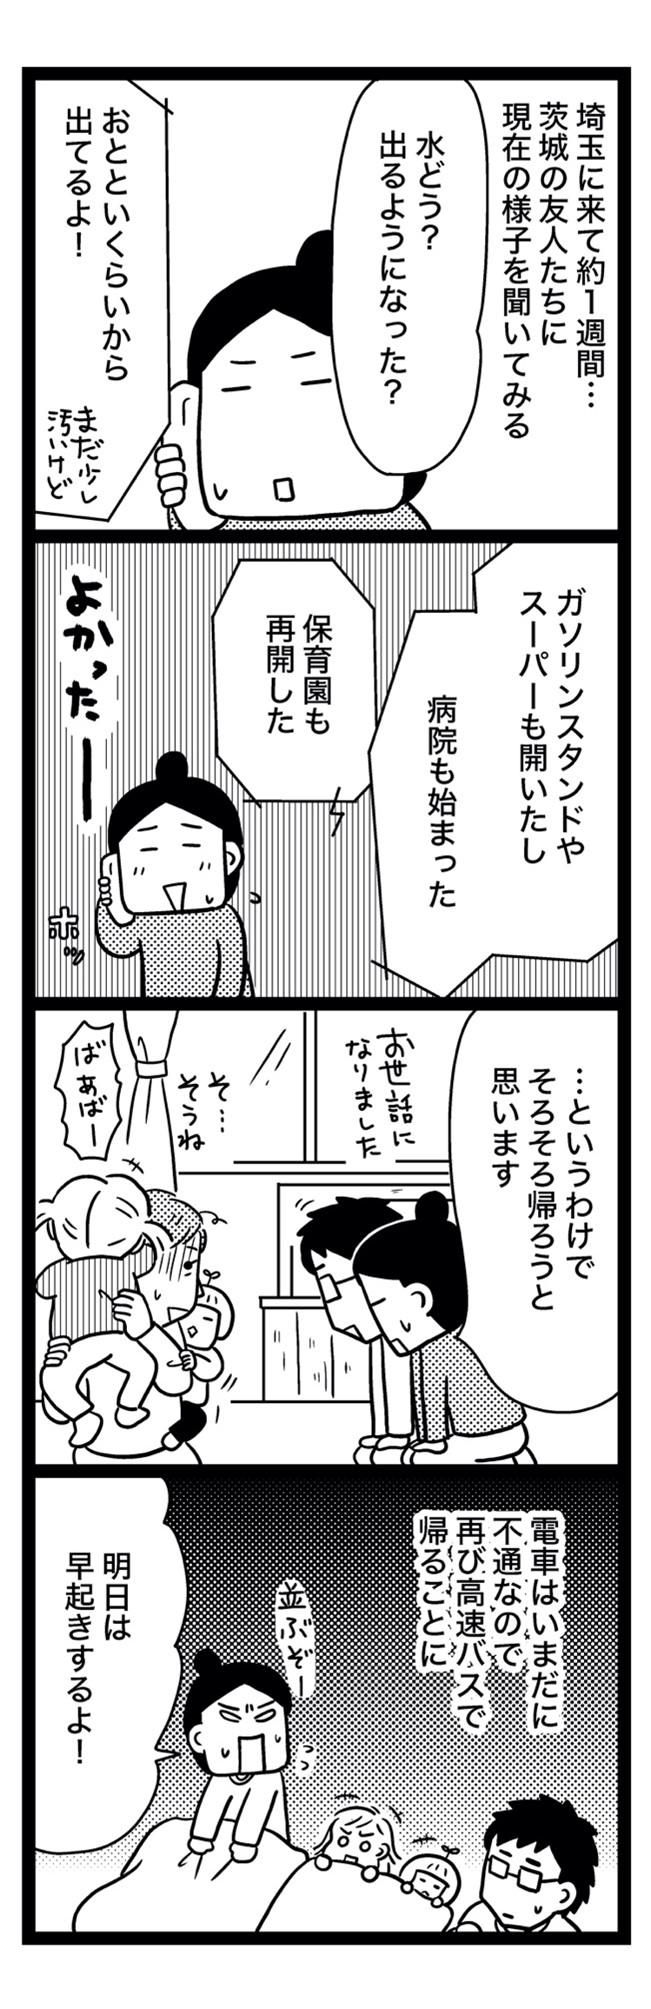 sinsai8-1